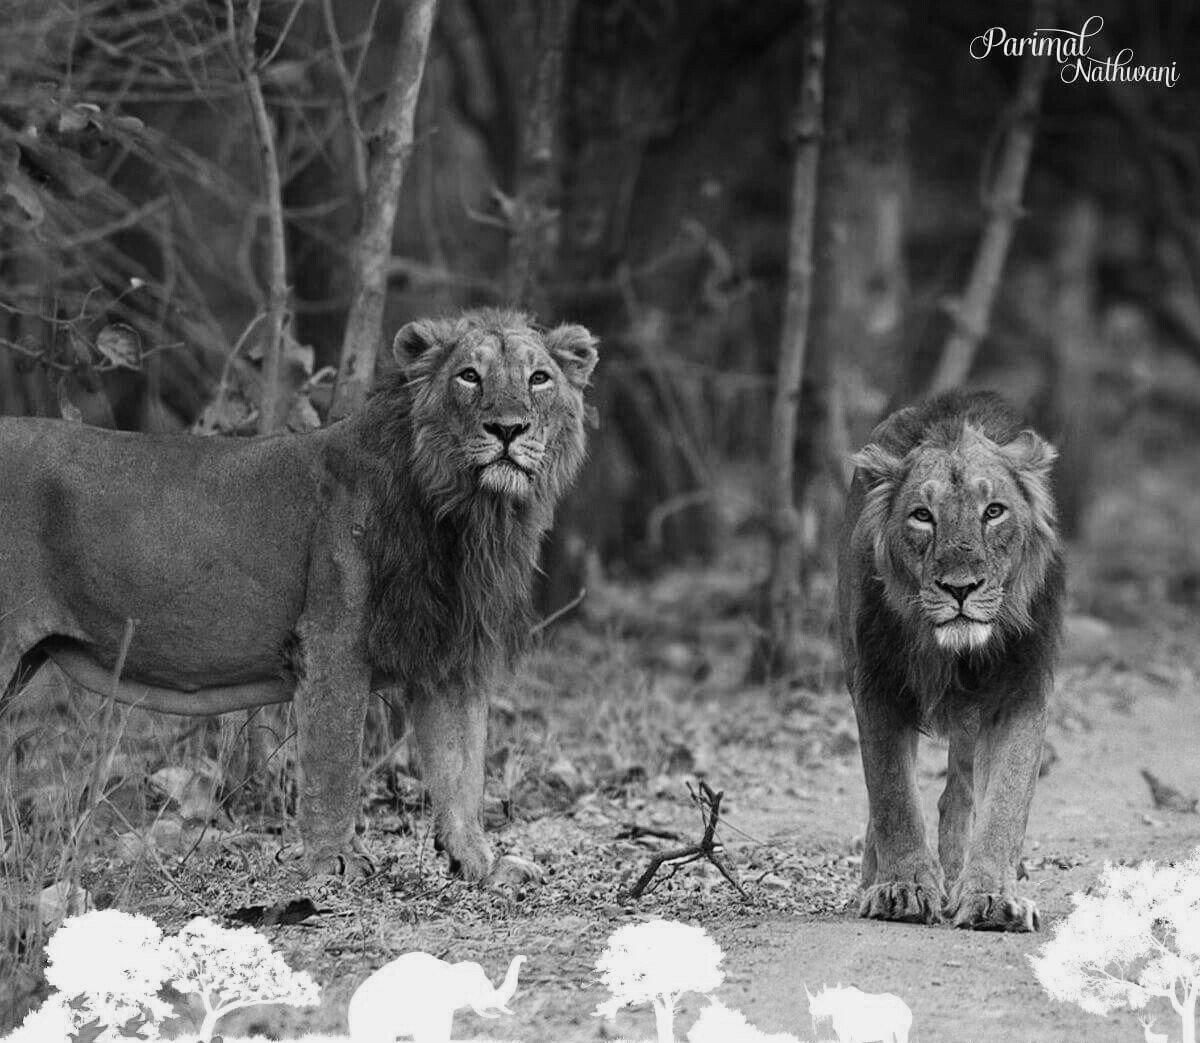 #LionSafari in foothill forests of #MountGirnar #Junagadh! 33 Lions &a...